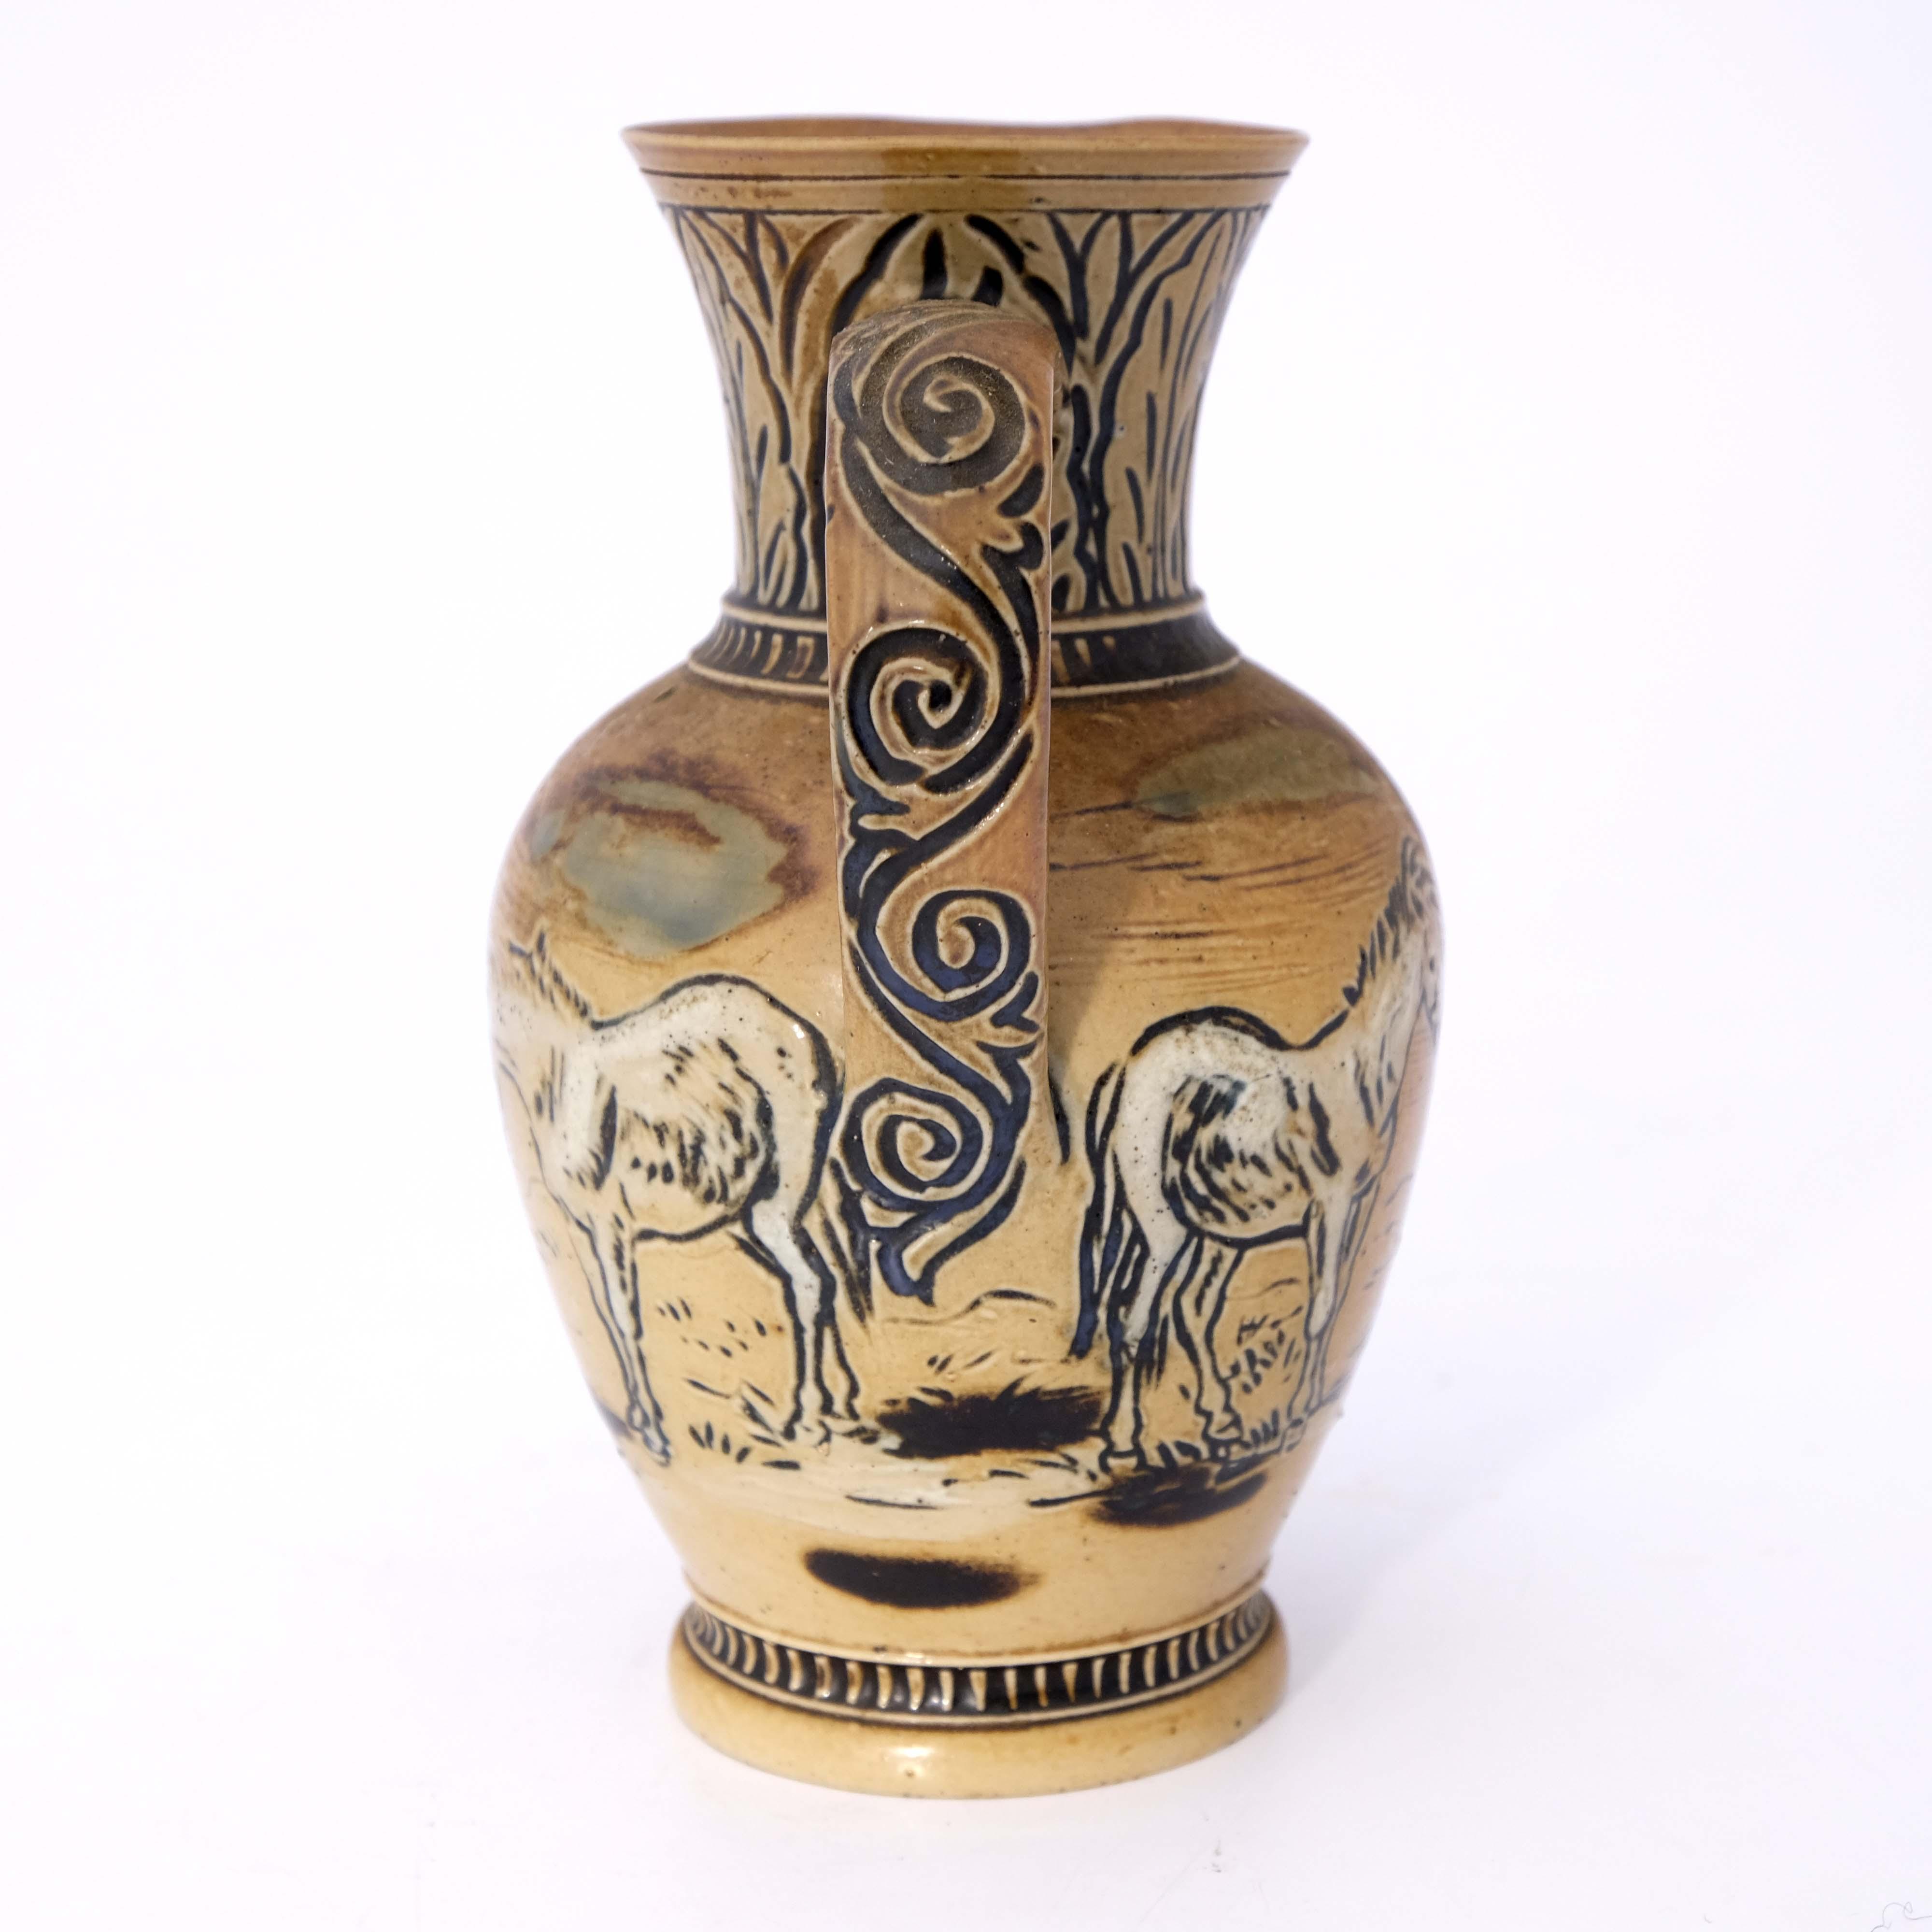 Hannah Barlow for Doulton Lambeth, a stoneware jug - Image 4 of 6